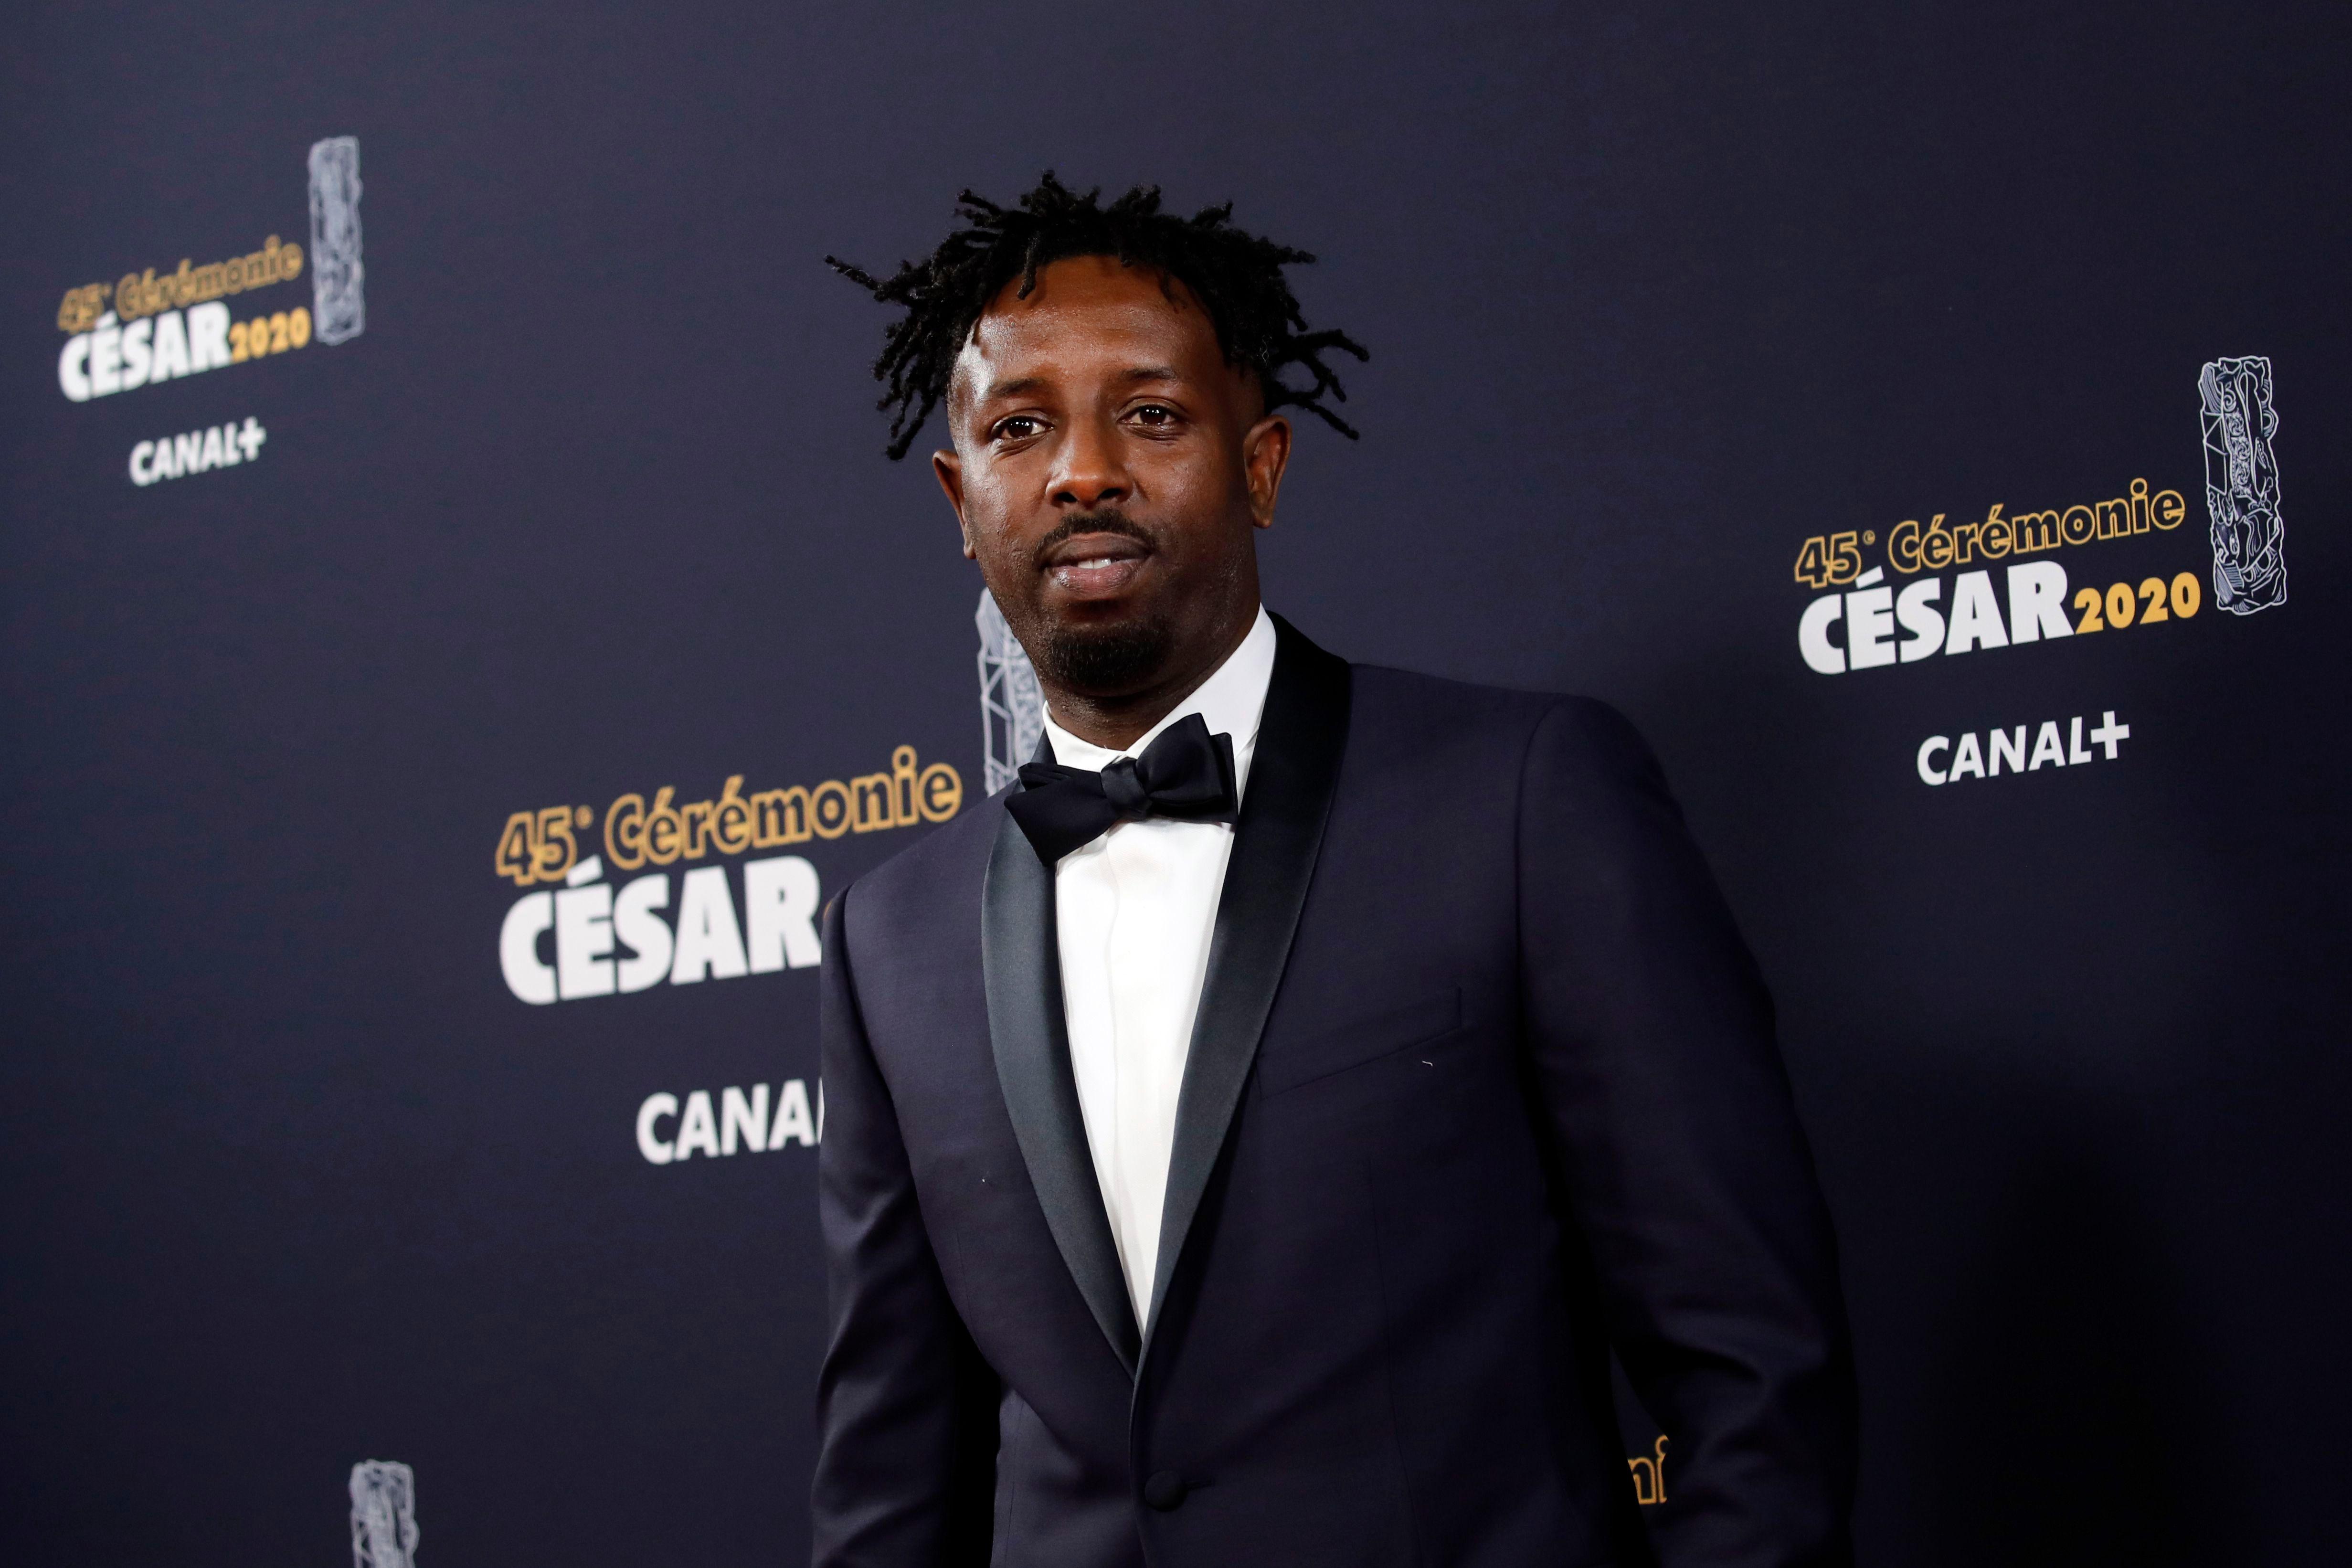 César Awards 2020: 'Les Misérables' Wins Best Film, No-Show Roman Polanski Wins Best Director